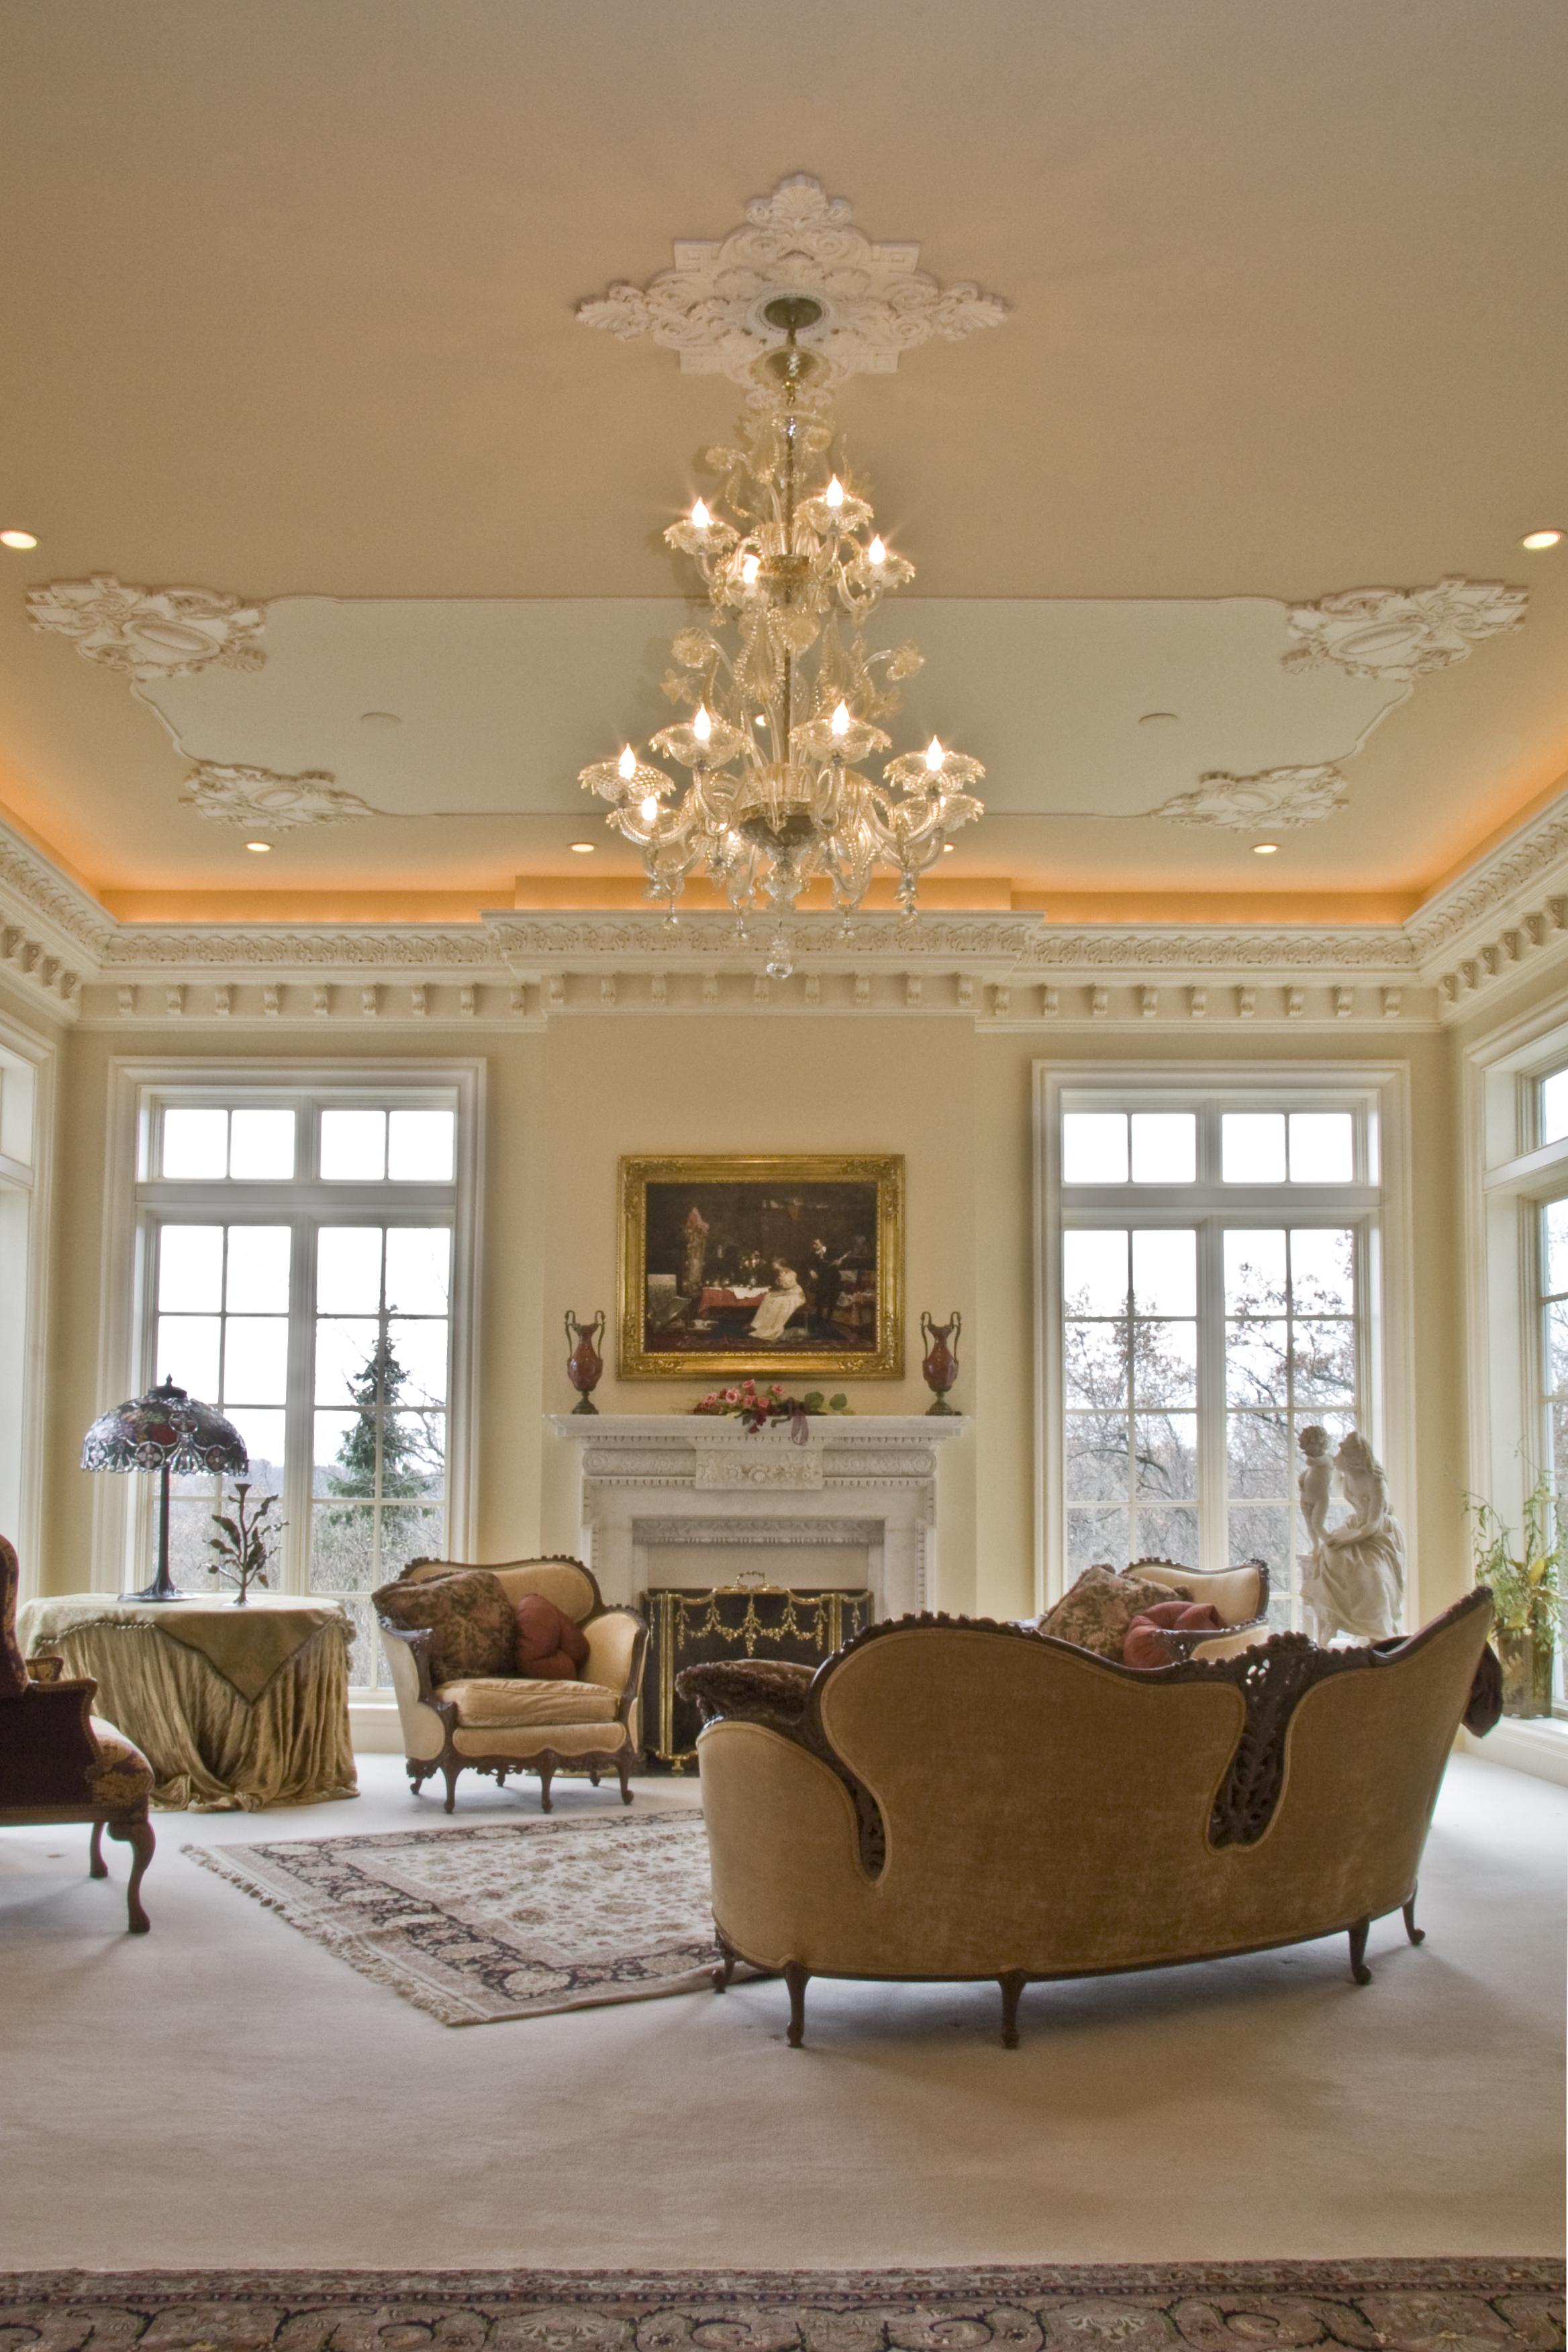 Living Room IMG_0136.jpg